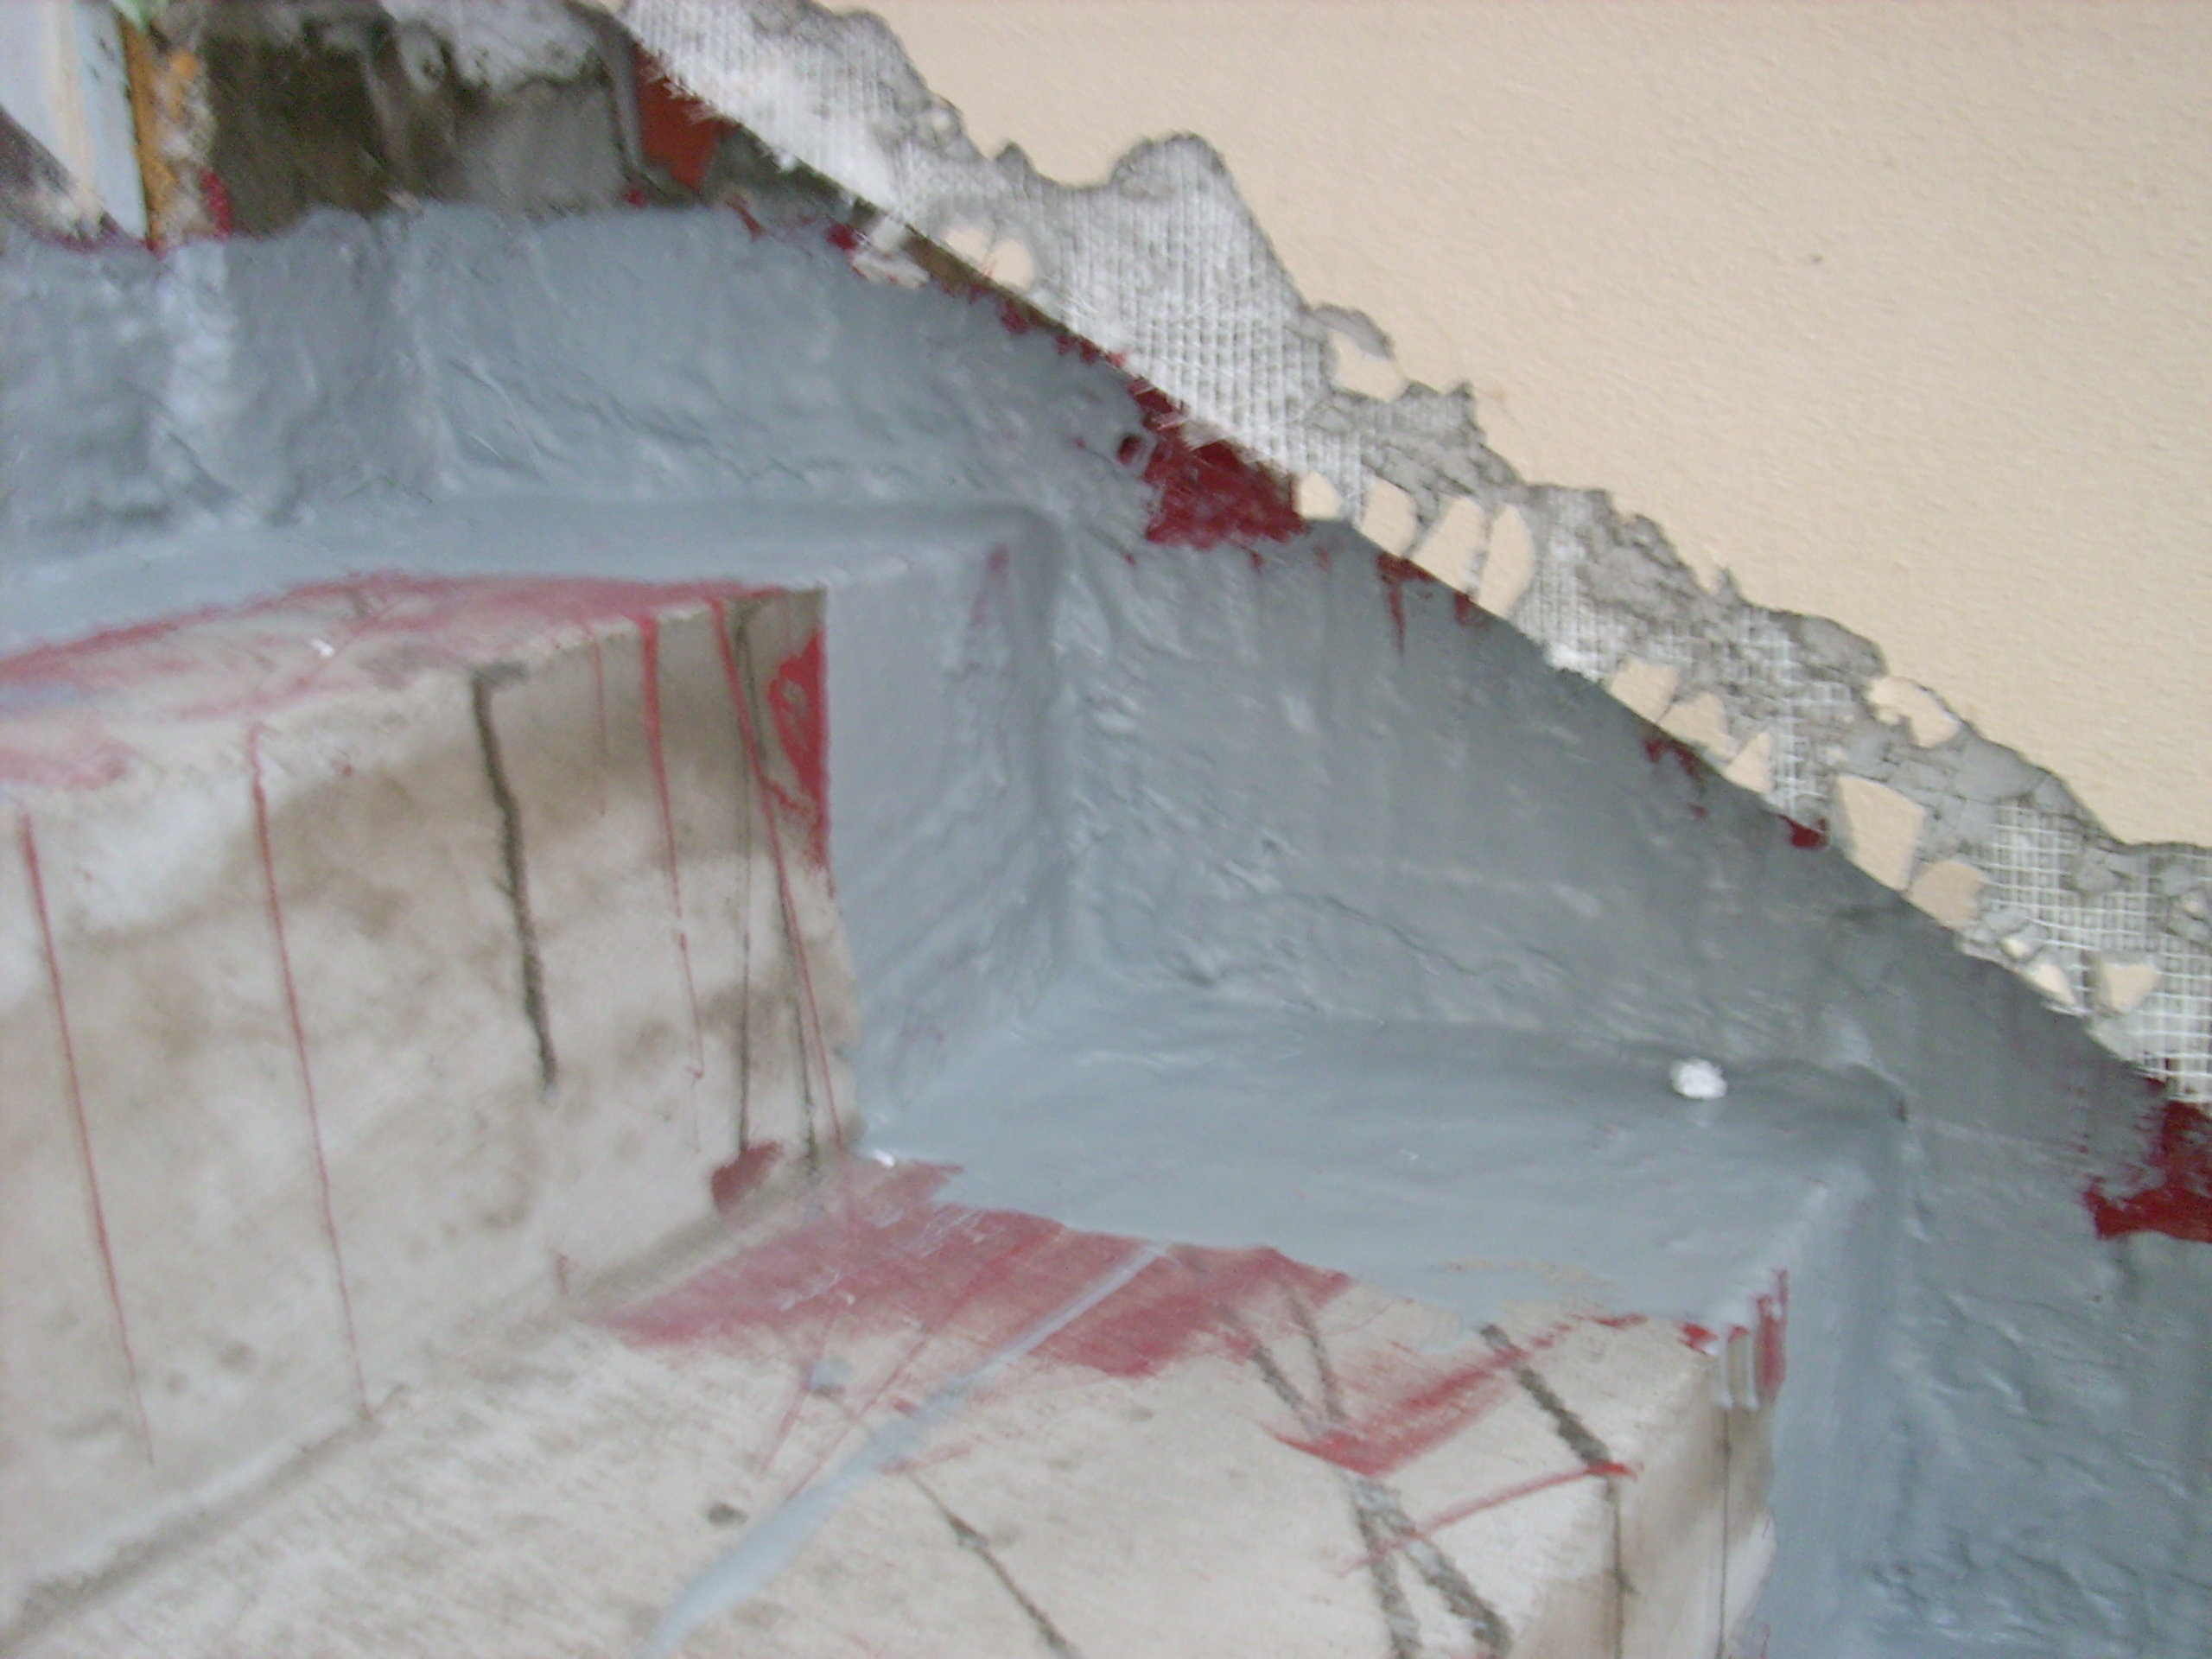 Aplicarea tratamentelor de impermeabilizare - Vila persoana privata - Pipera UNICO PROFIT - Poza 137